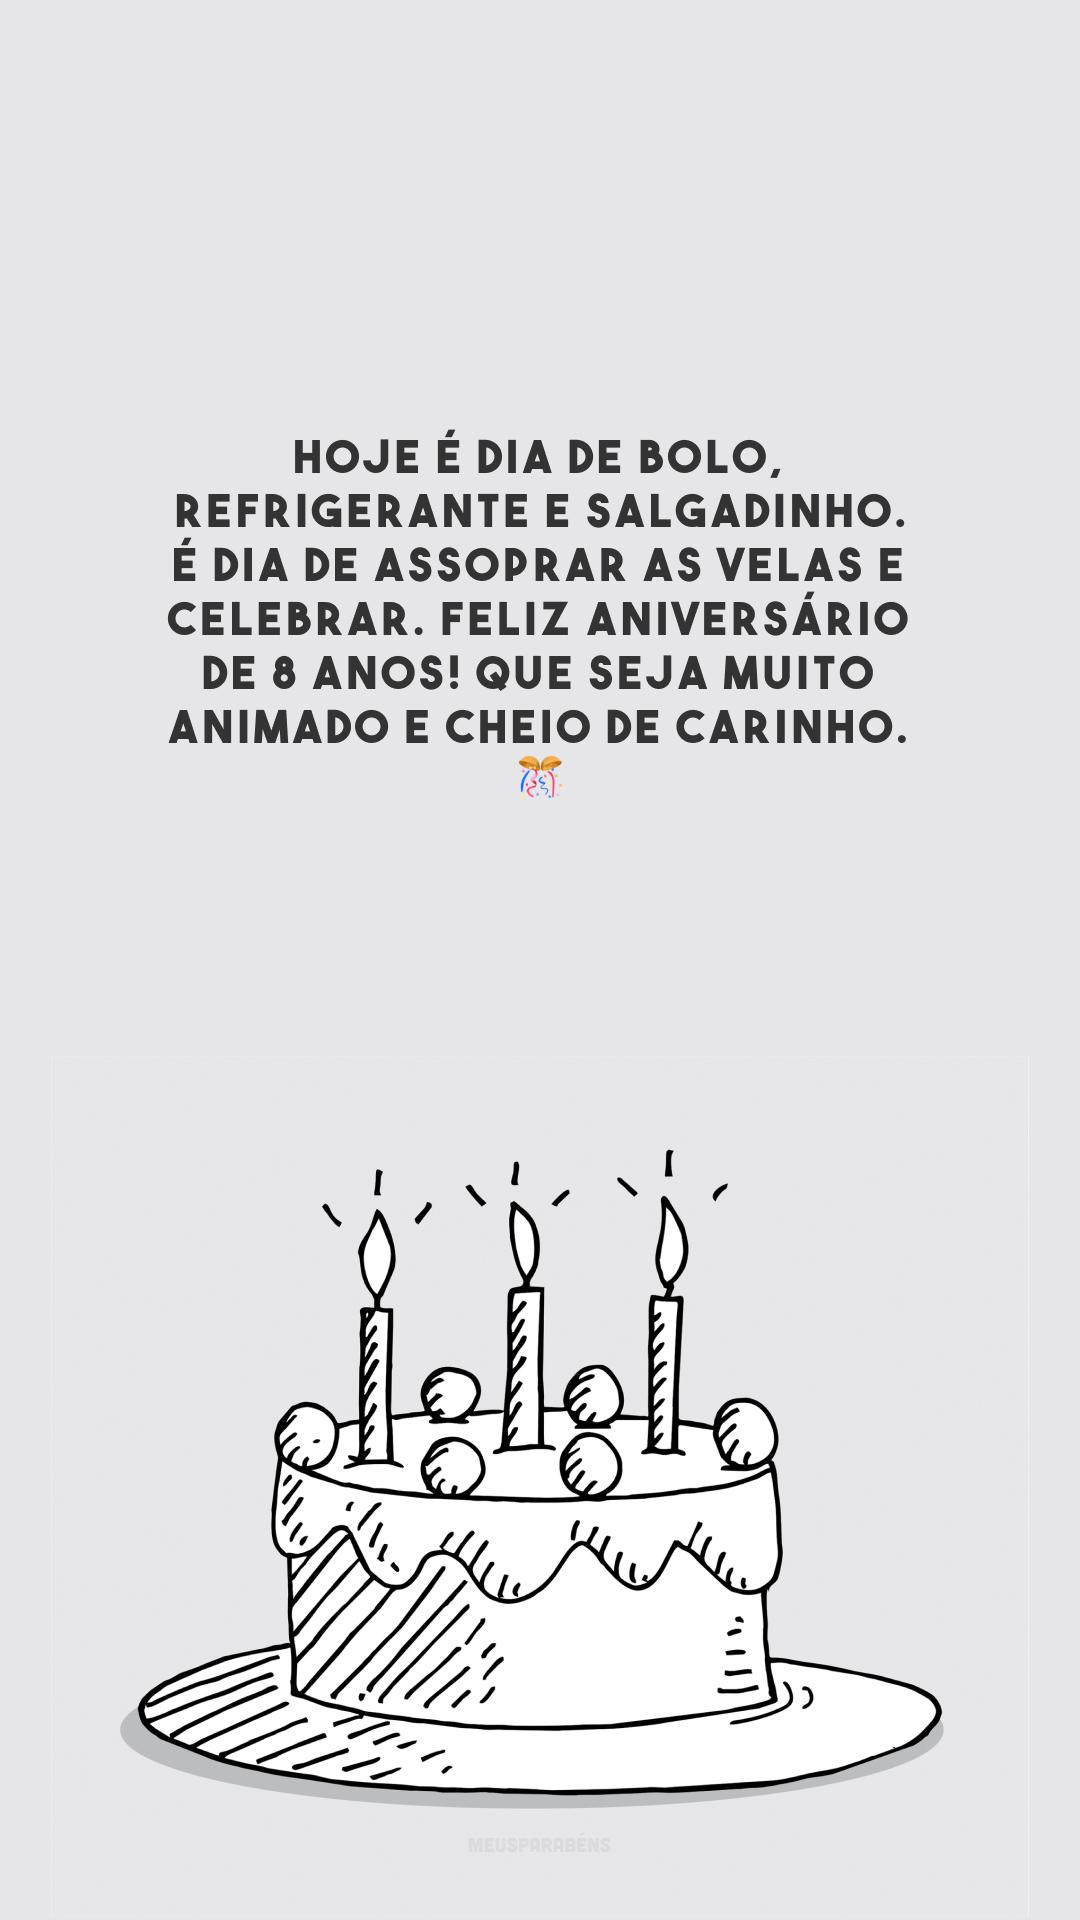 Hoje é dia de bolo, refrigerante e salgadinho. É dia de assoprar as velas e celebrar. Feliz aniversário de 8 anos! Que seja muito animado e cheio de carinho. 🎊